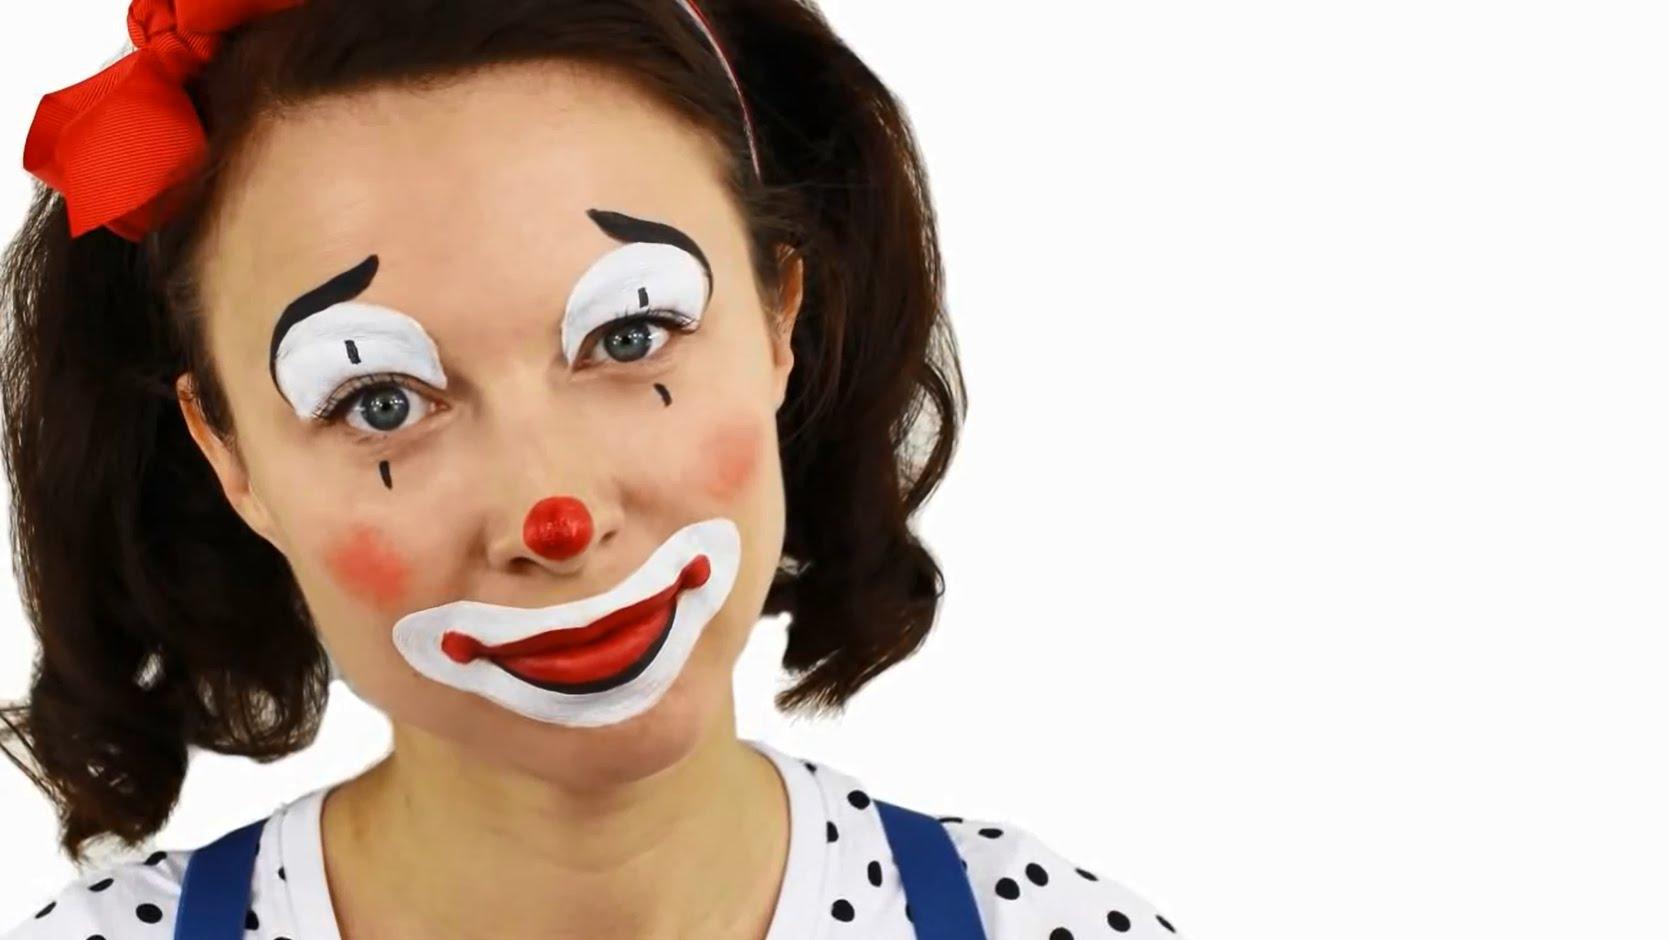 maquillage de clown fille